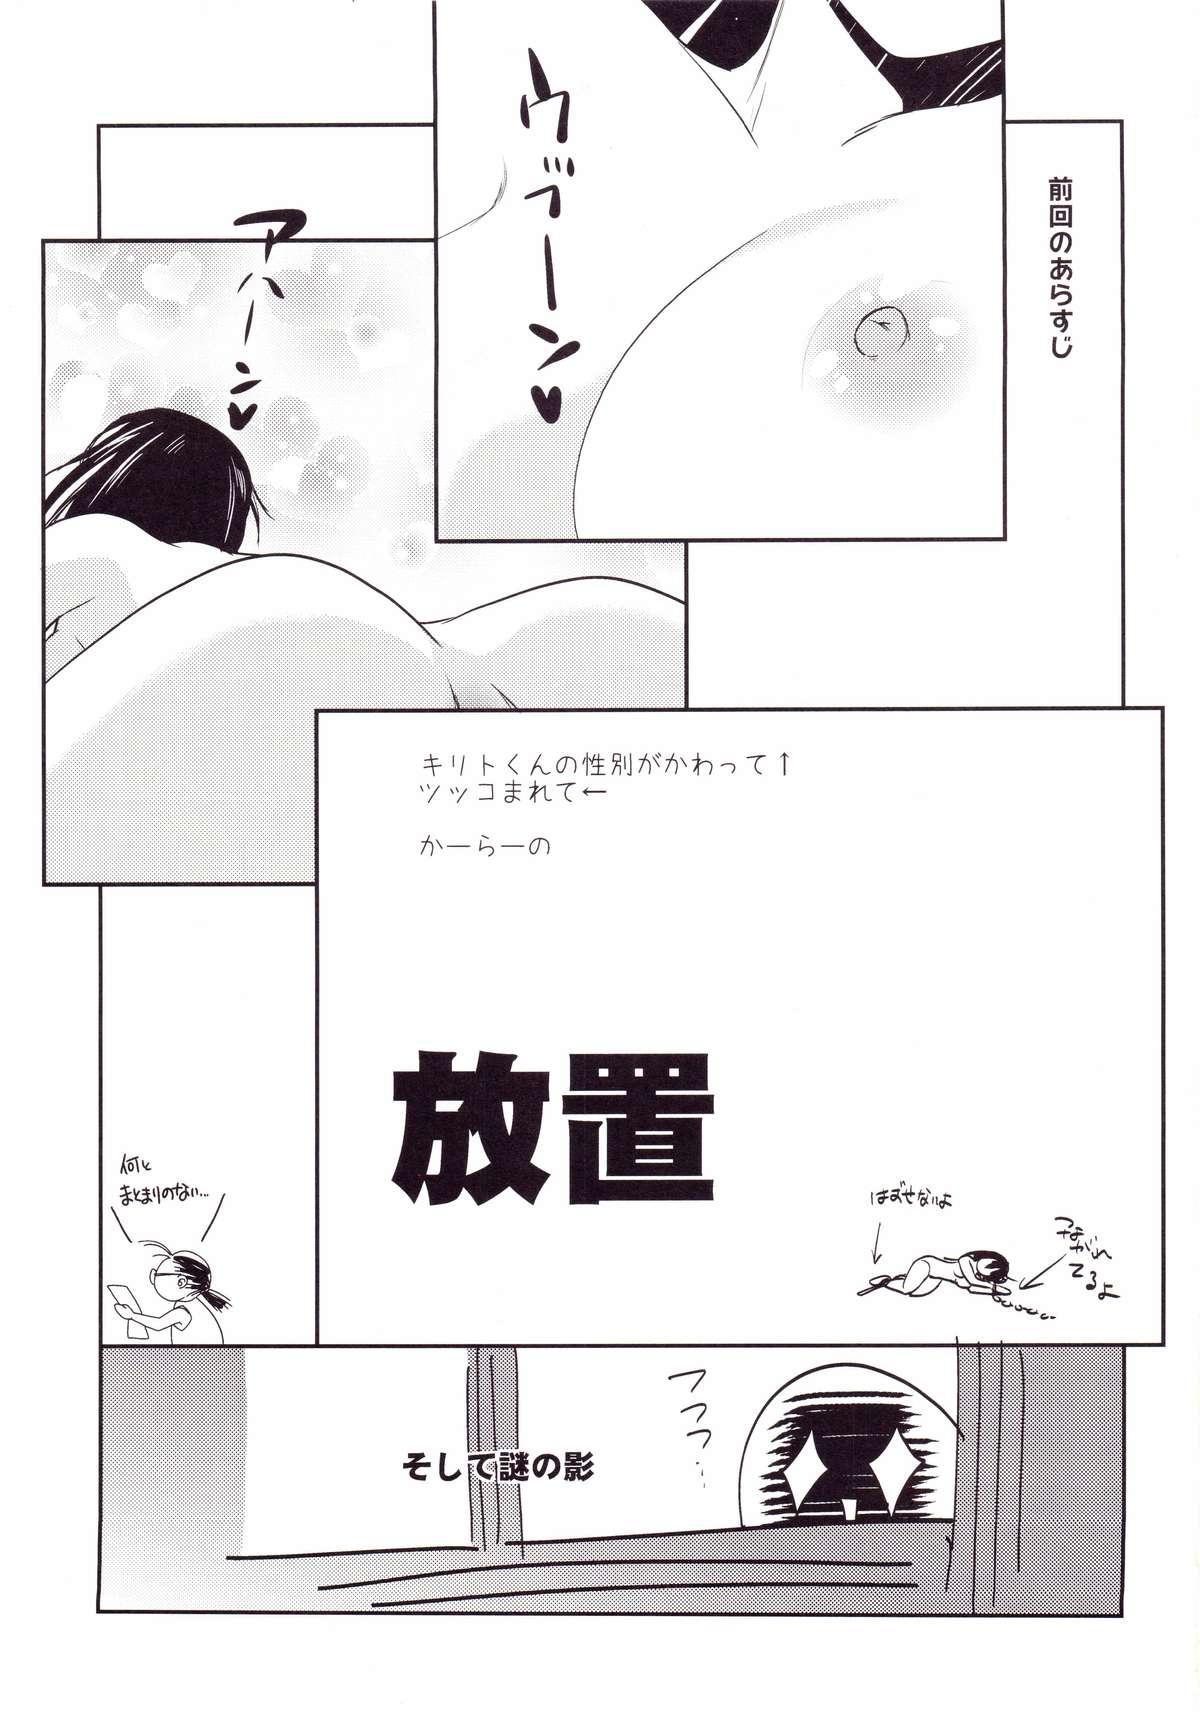 Kirito-kun no shiroku betatsuku nani ka 2 1